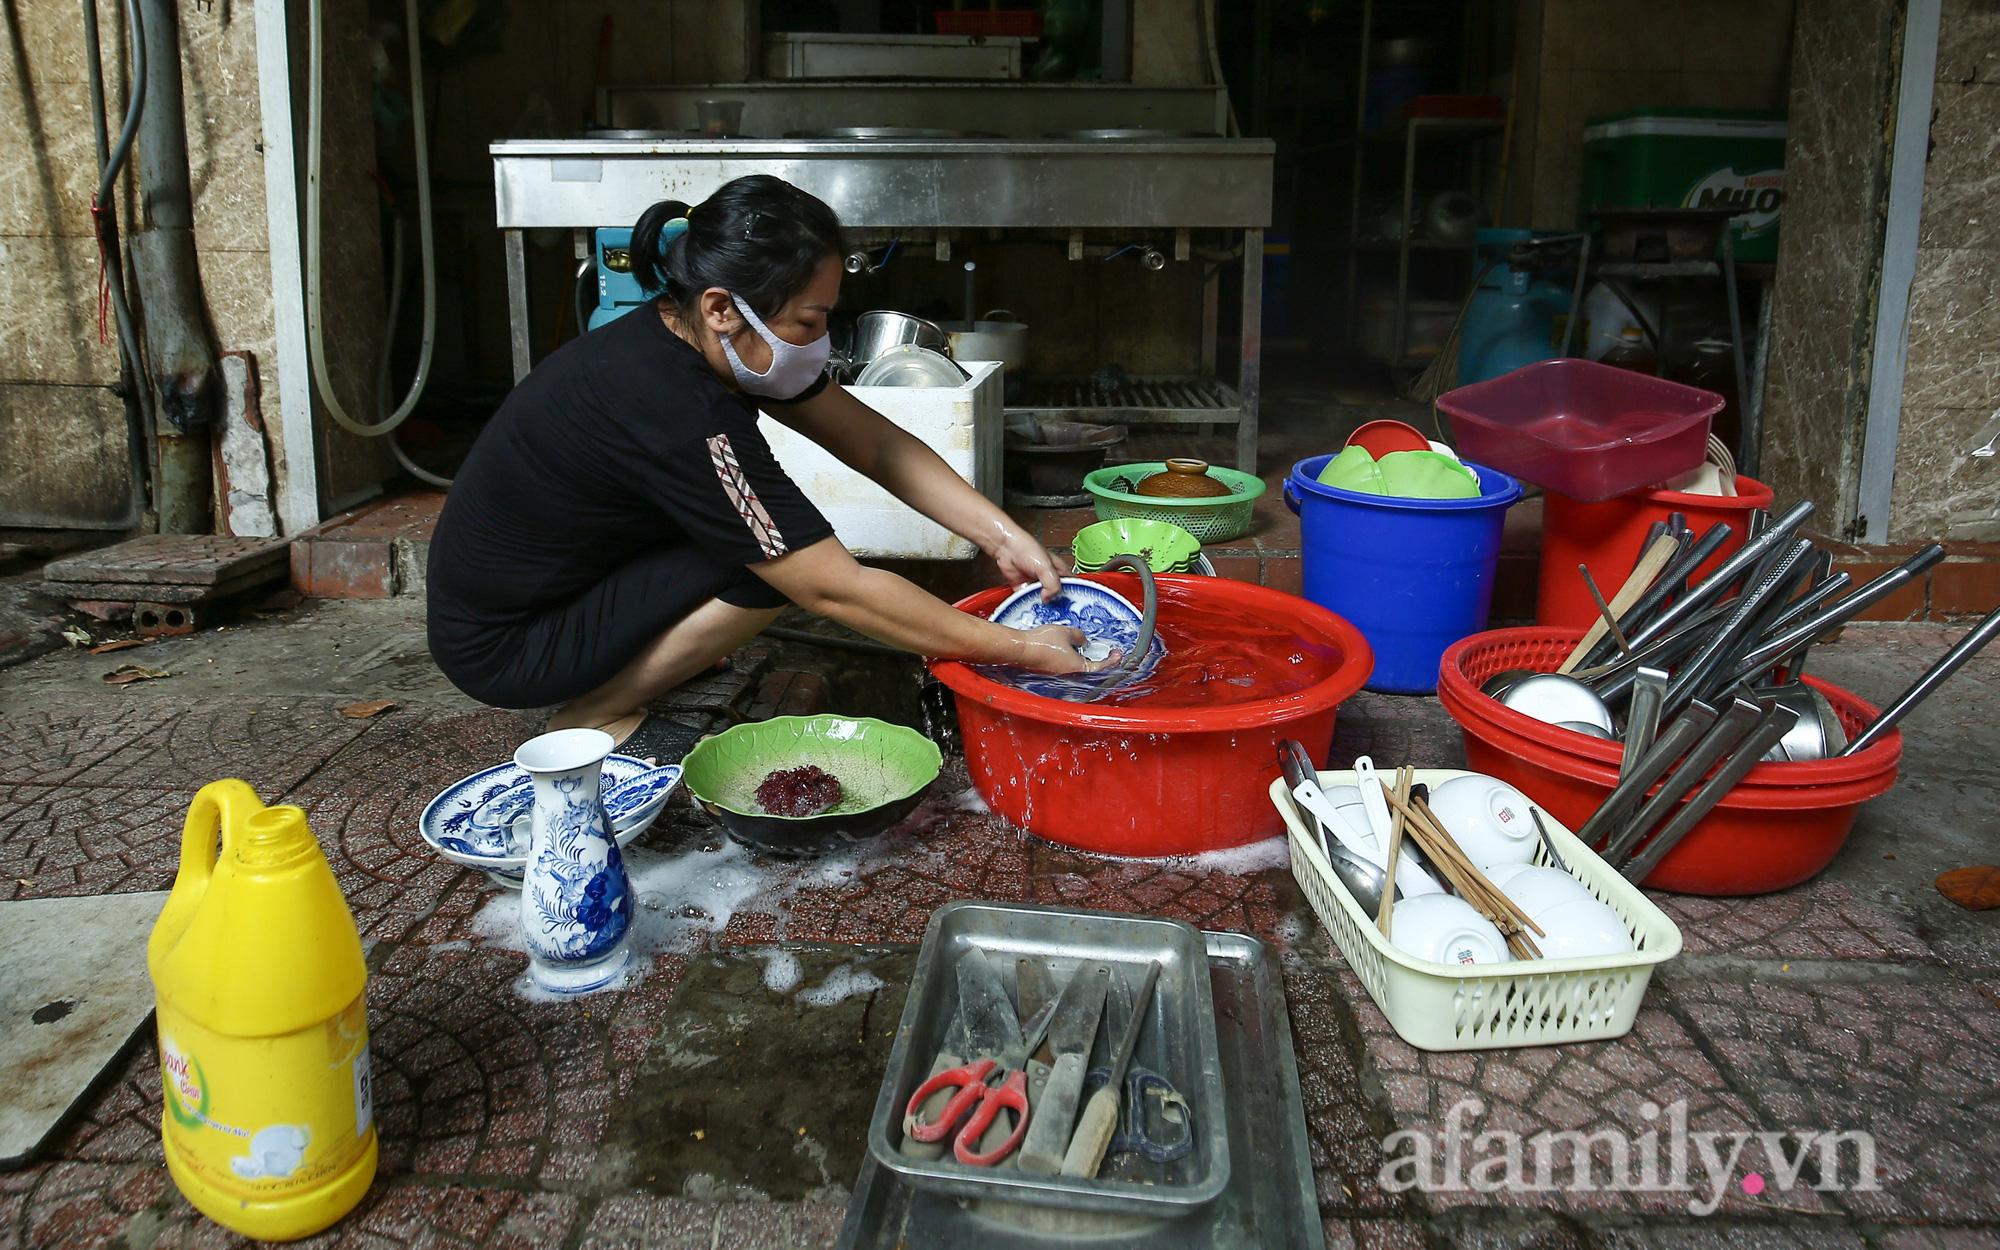 """Người Hà Nội vui như Tết về sớm, chủ hàng ăn tất bật dọn dẹp chờ qua """"giao thừa"""" để đón khách trở lại"""